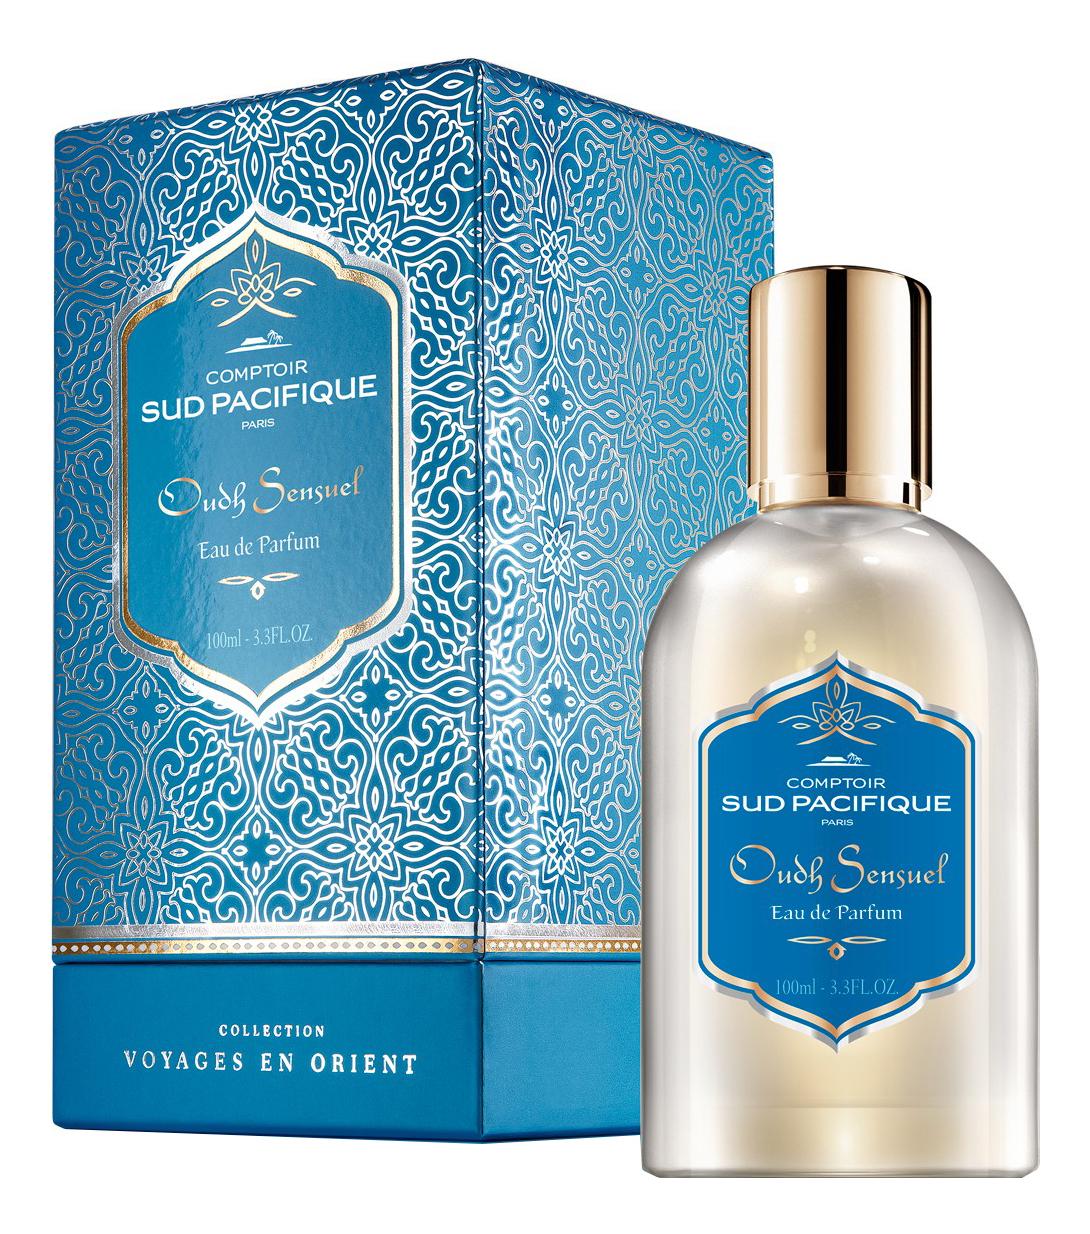 Купить Comptoir Sud Pacifique Oudh Sensuel: парфюмерная вода 100мл